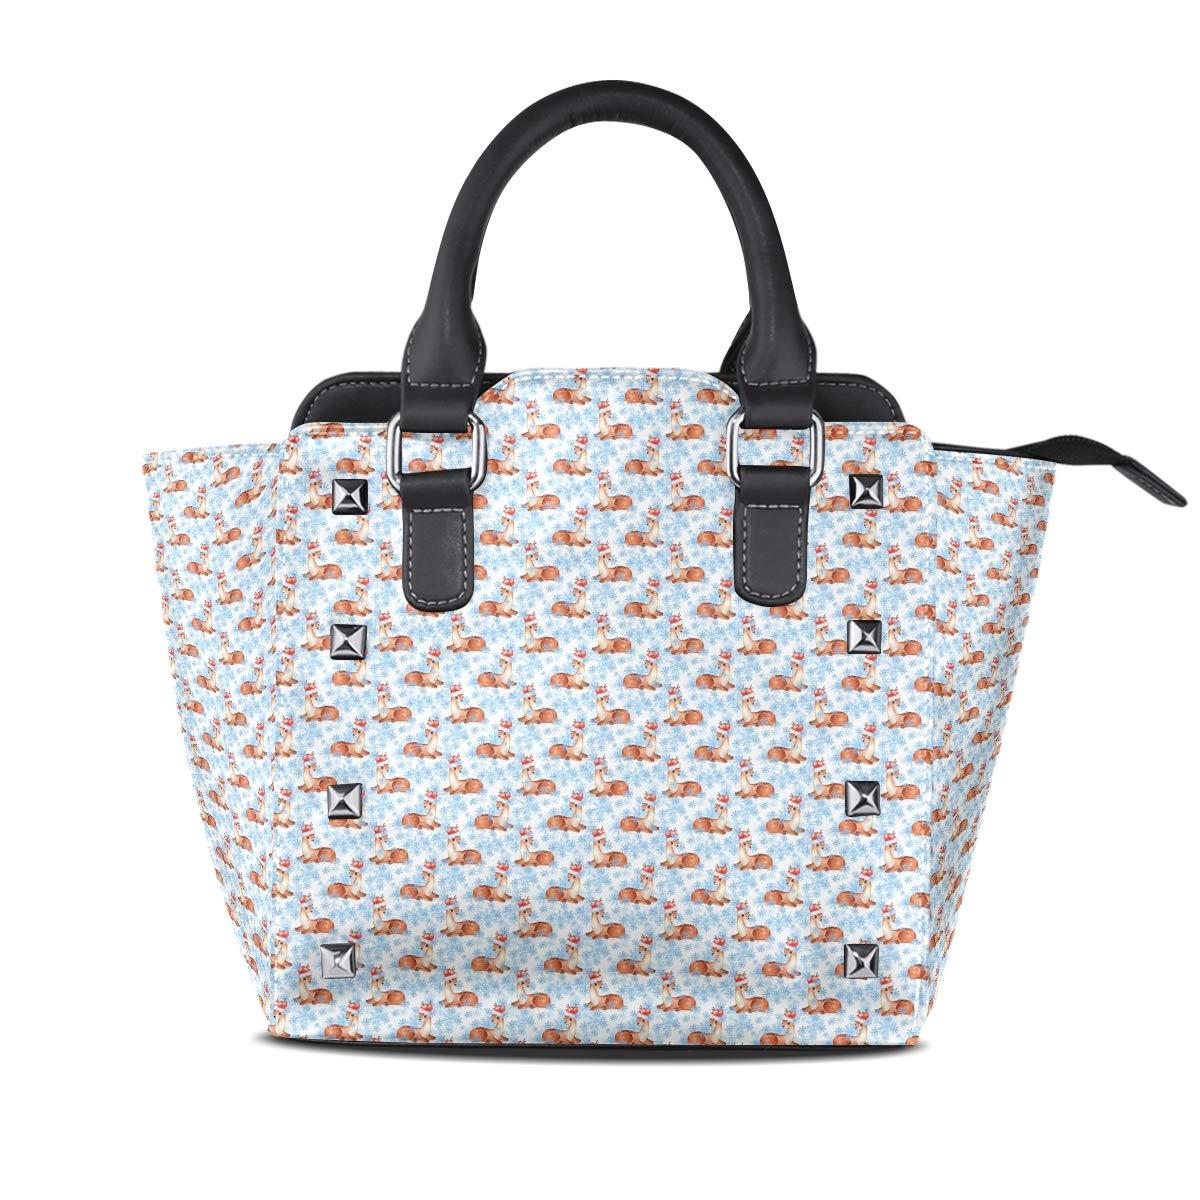 Design2 Handbag Cute Raccoon Cat Genuine Leather Tote Rivet Bag Shoulder Strap Top Handle Women